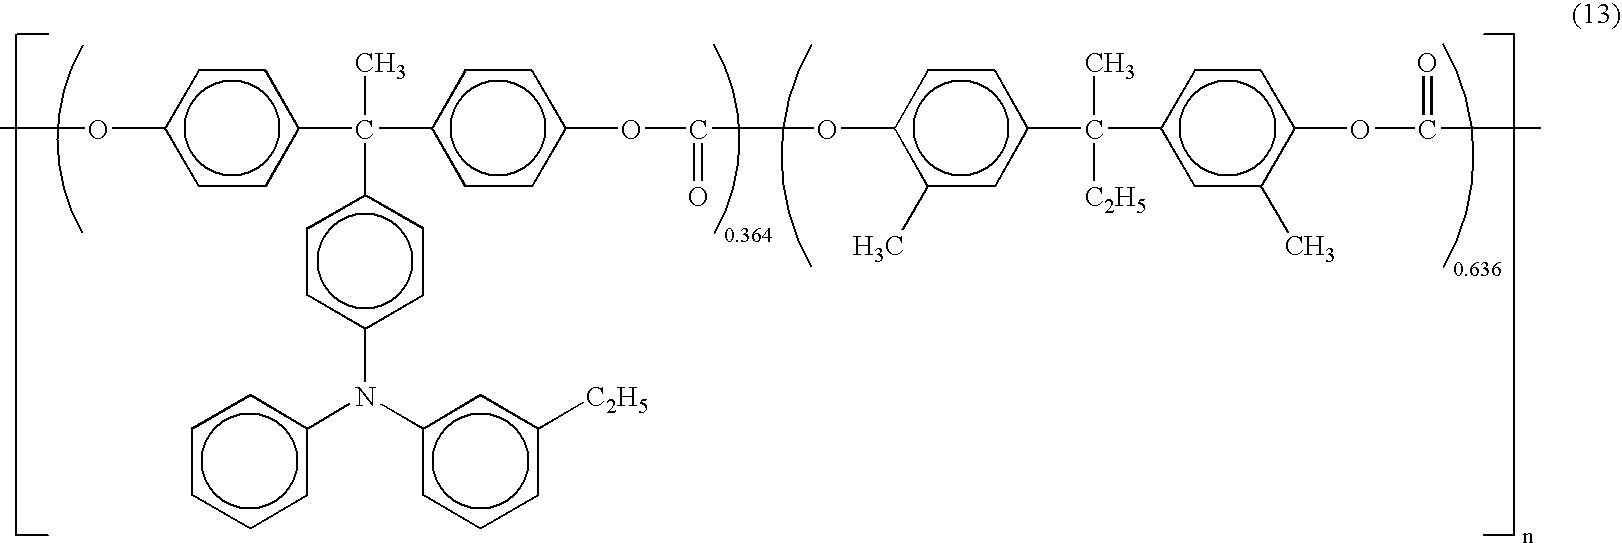 Figure US20040234875A1-20041125-C00016